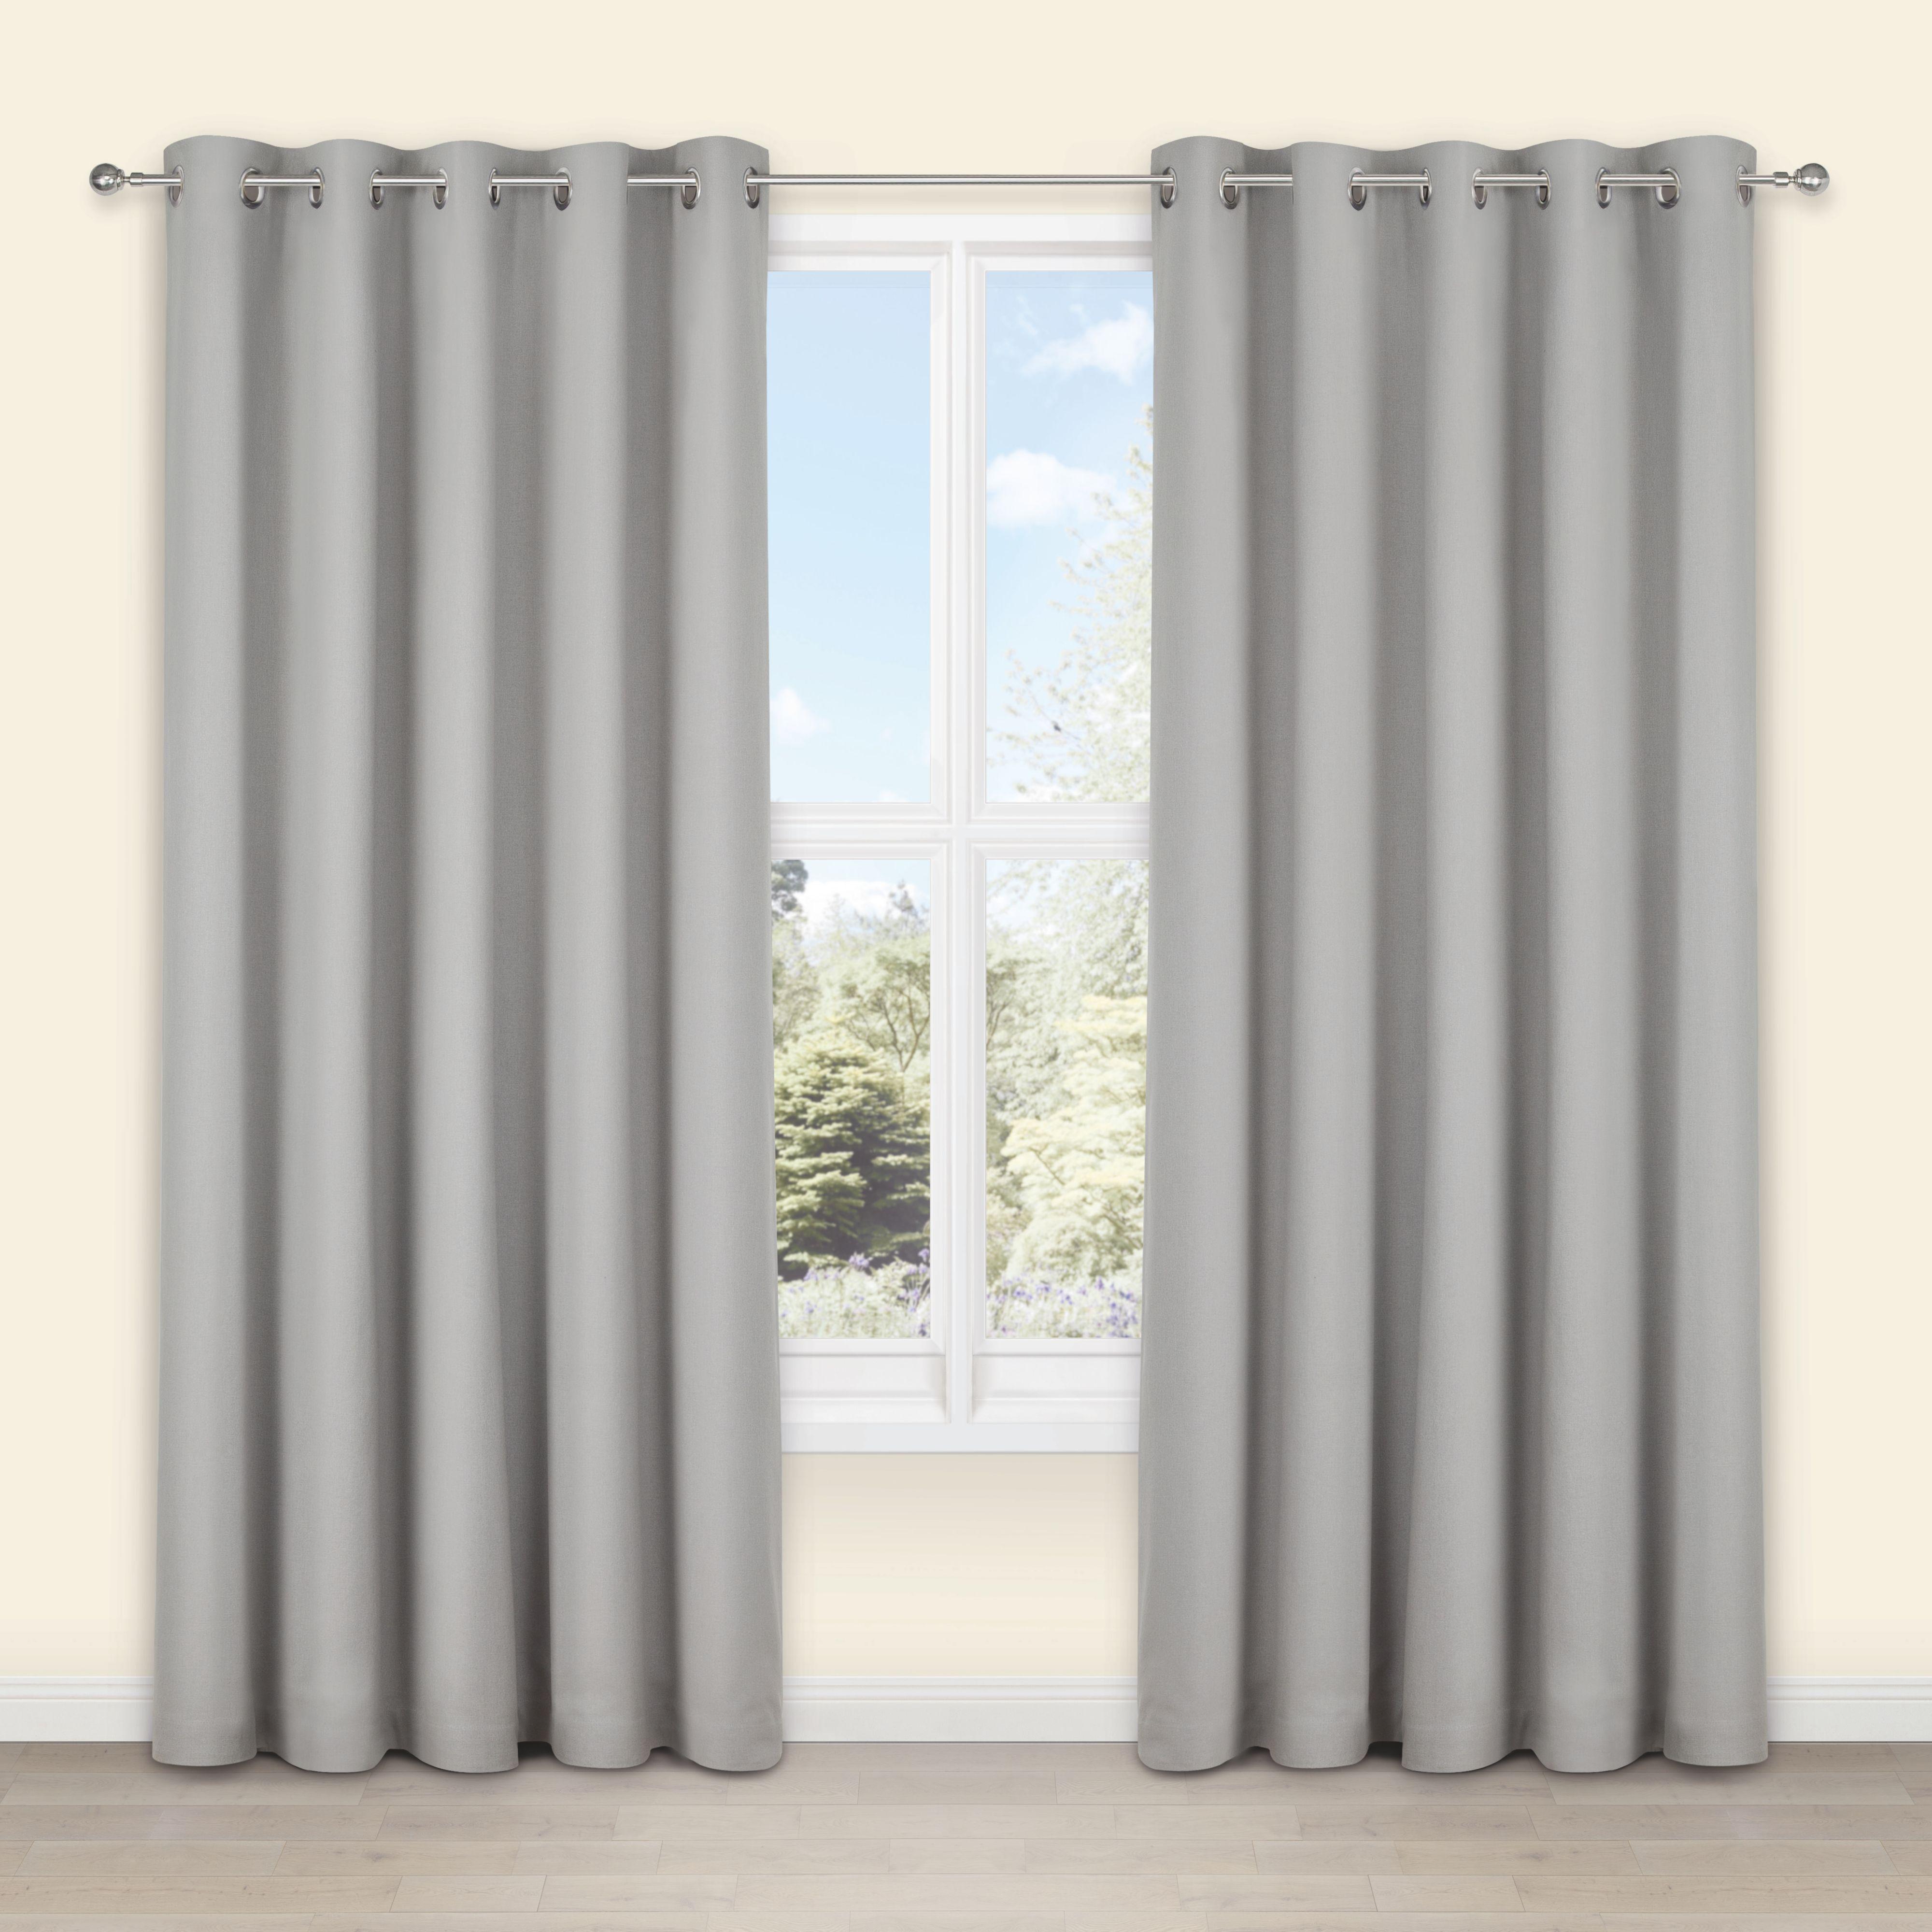 Salla Concrete Plain Woven Eyelet Lined Curtains (w)228 Cm (l)228 Cm